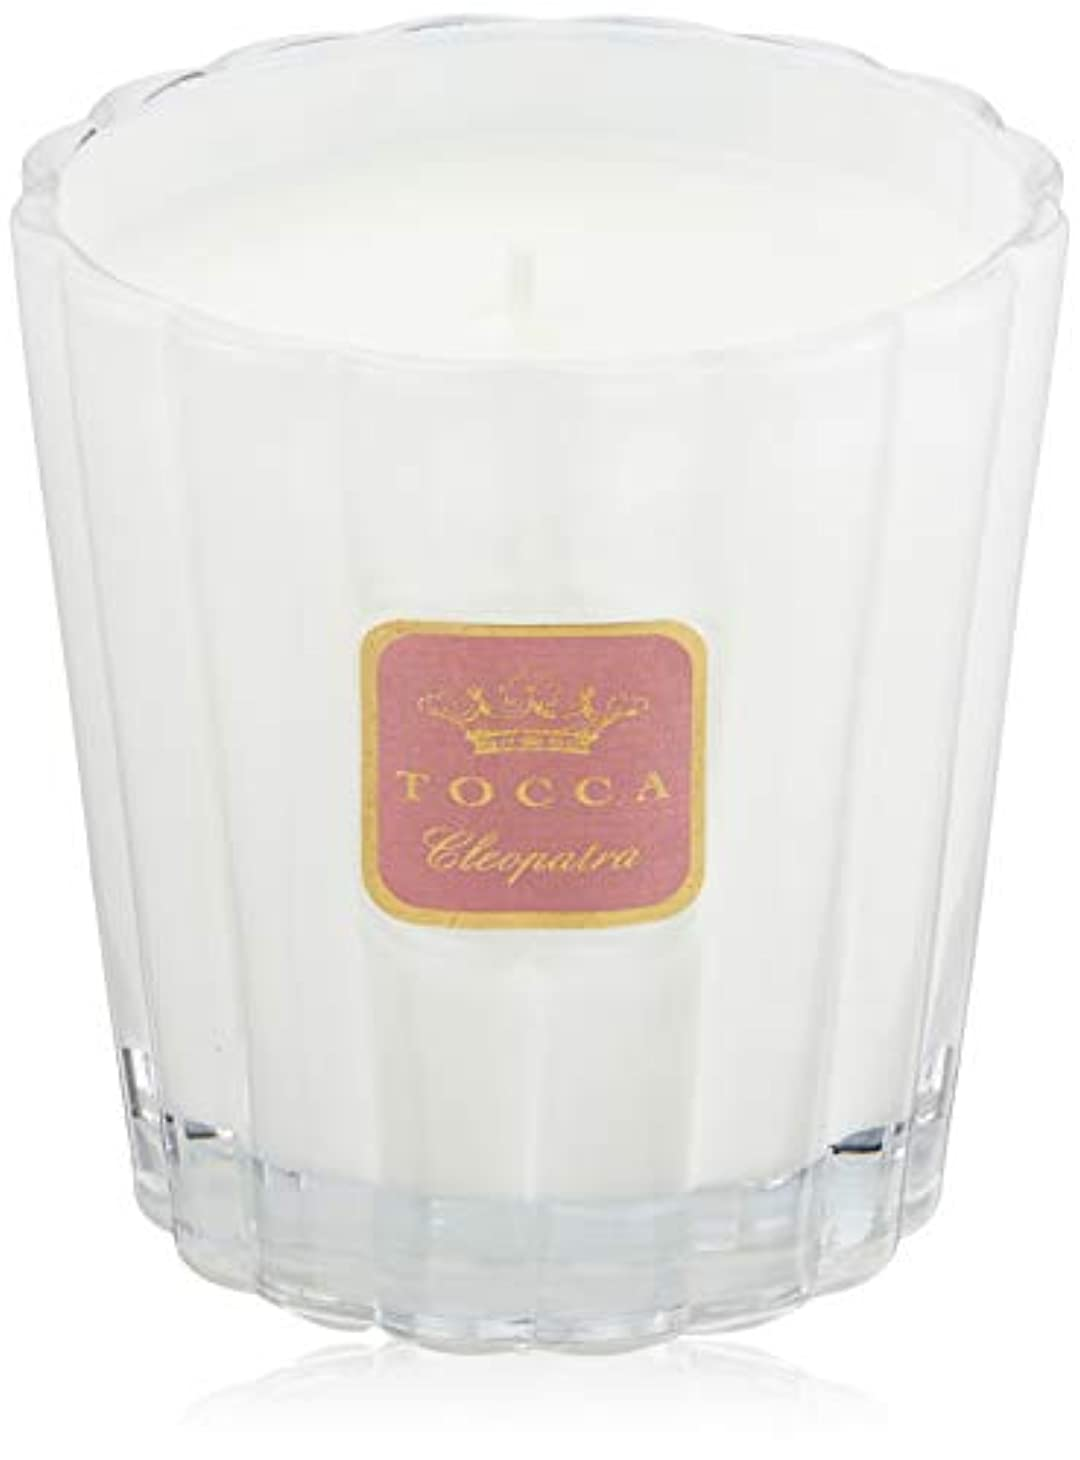 局教育するフェザートッカ(TOCCA) キャンドル クレオパトラの香り 約287g (ろうそく フレッシュでクリーンな香り)